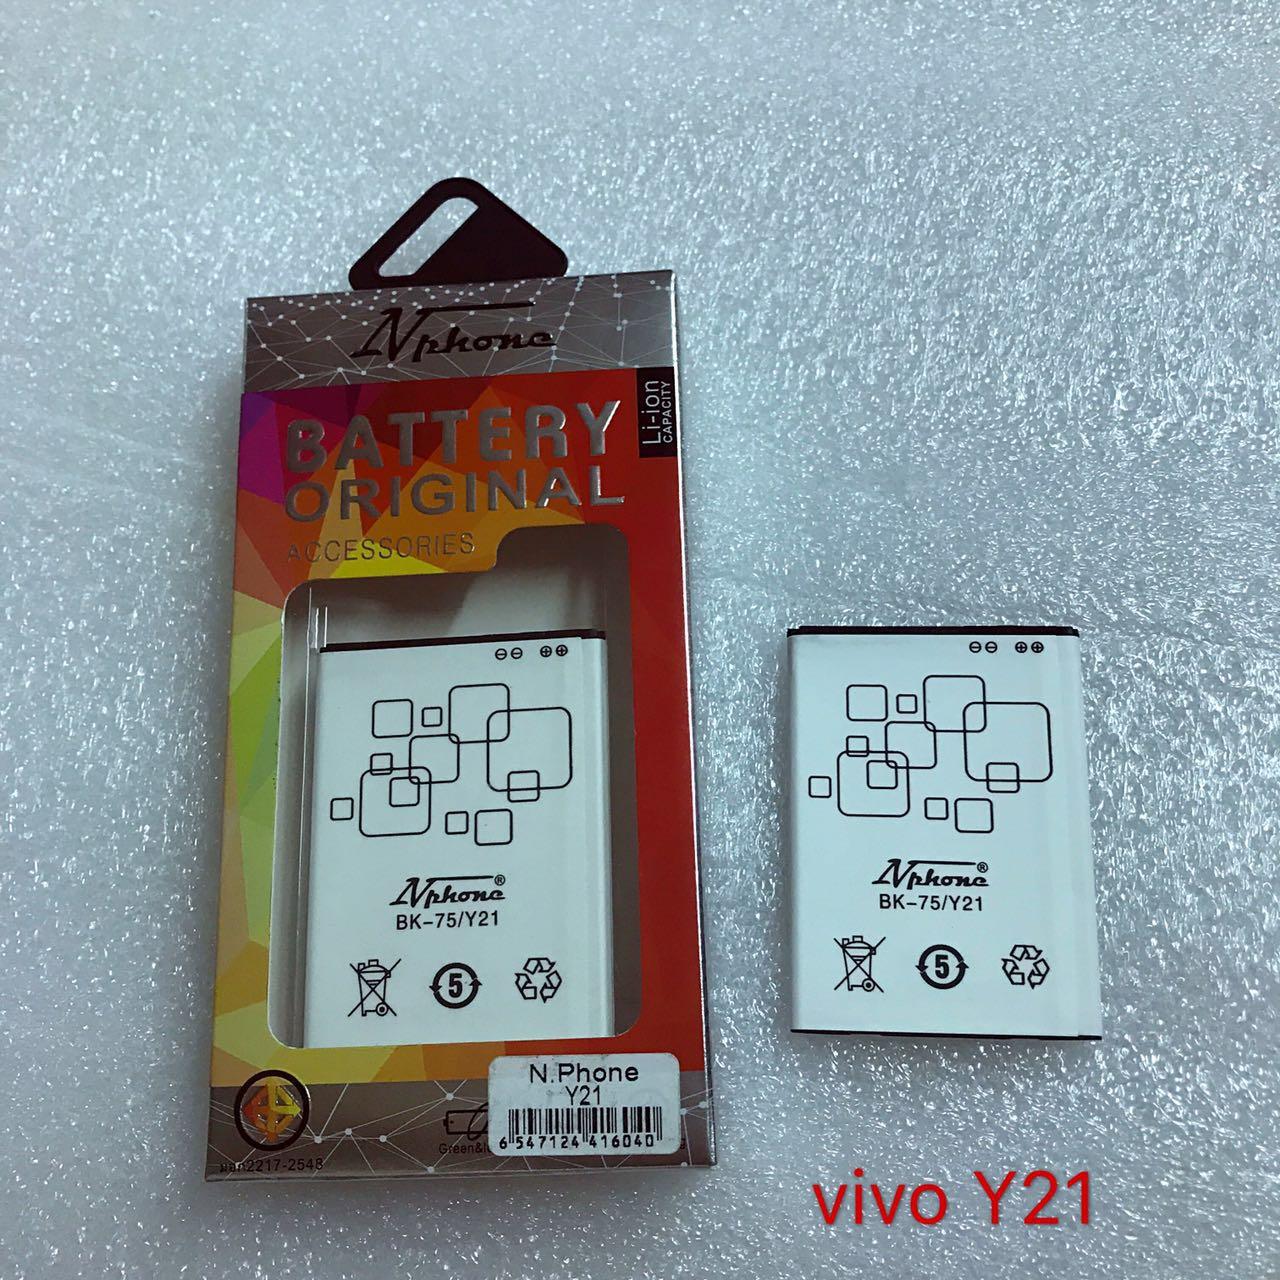 แบตเตอรี่ ม.อ.ก ( ยี่ห้อ N-Phone ) vivo Y21 // BK-75